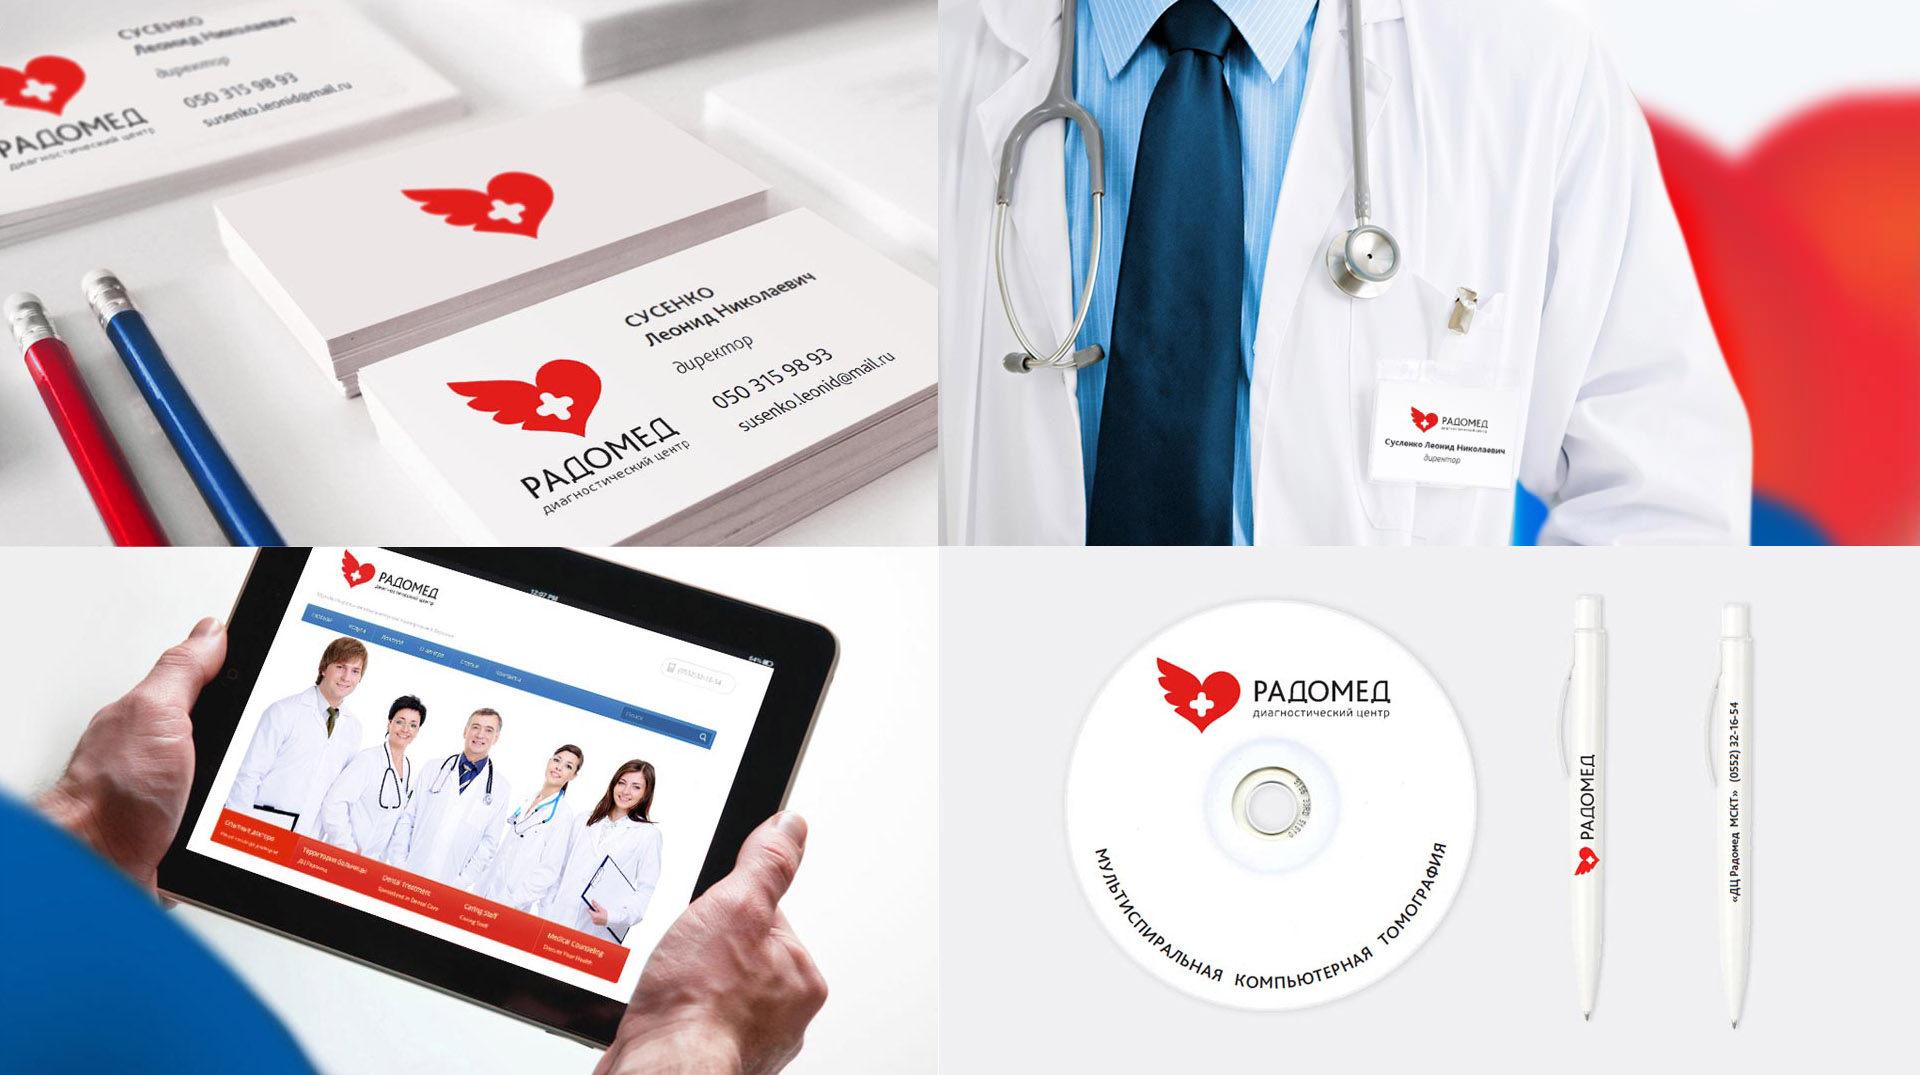 Логотип медицинского центра в форме сердца